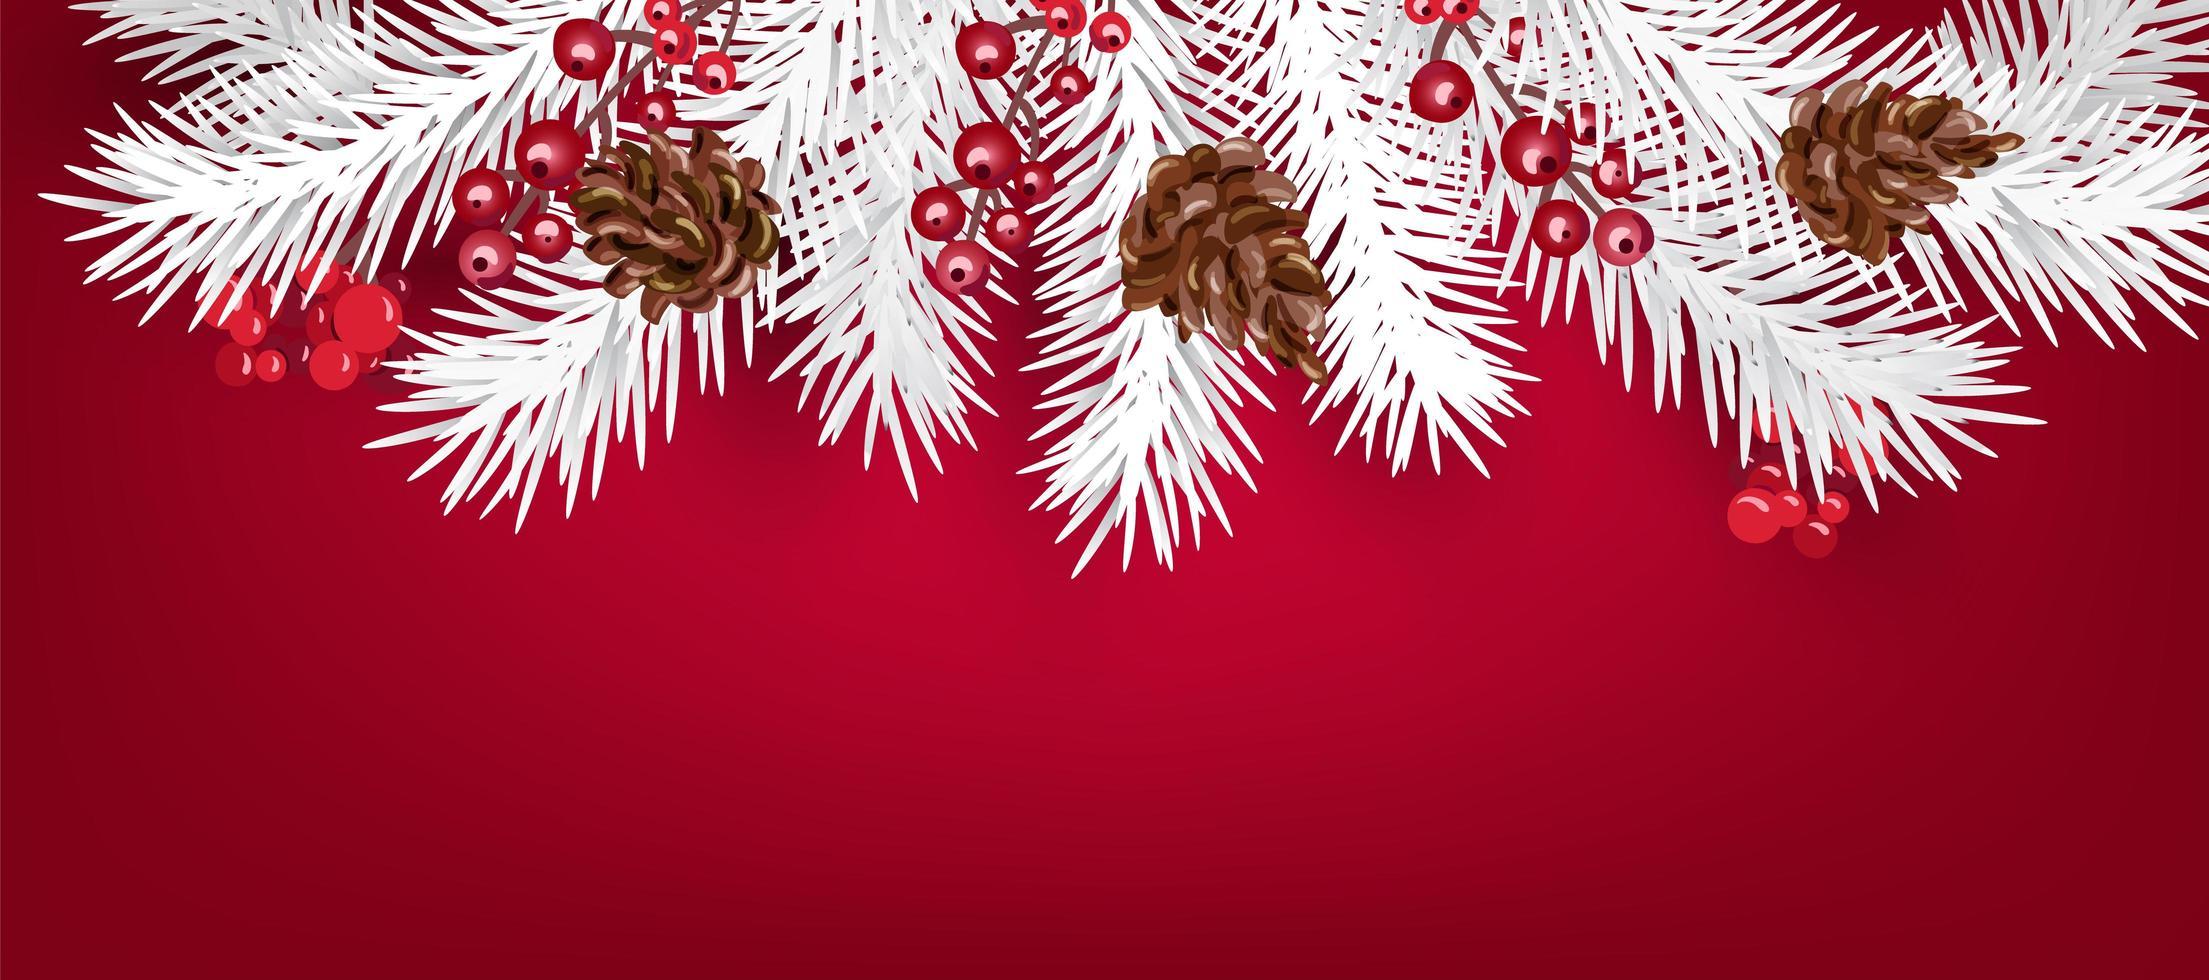 Ramas de árboles de Navidad blanca y bayas con espacio de copia vector